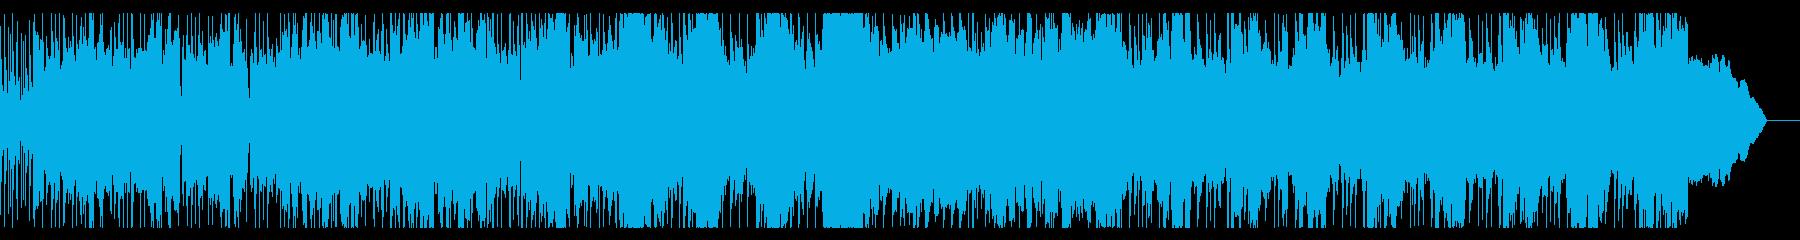 力強いブラスロックの再生済みの波形